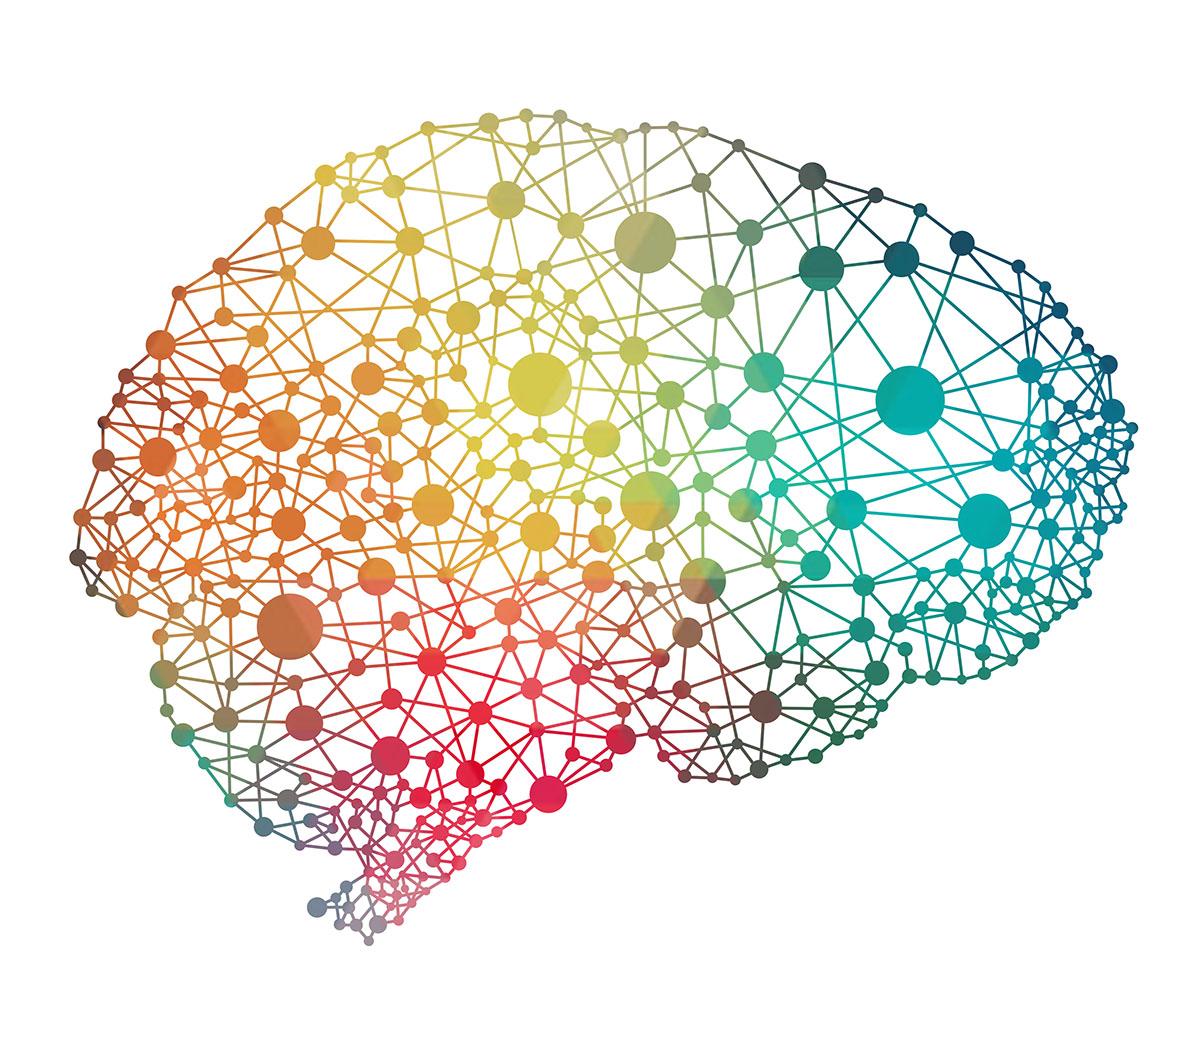 Las Sociedades Complejas Necesitan Grandes Cerebros